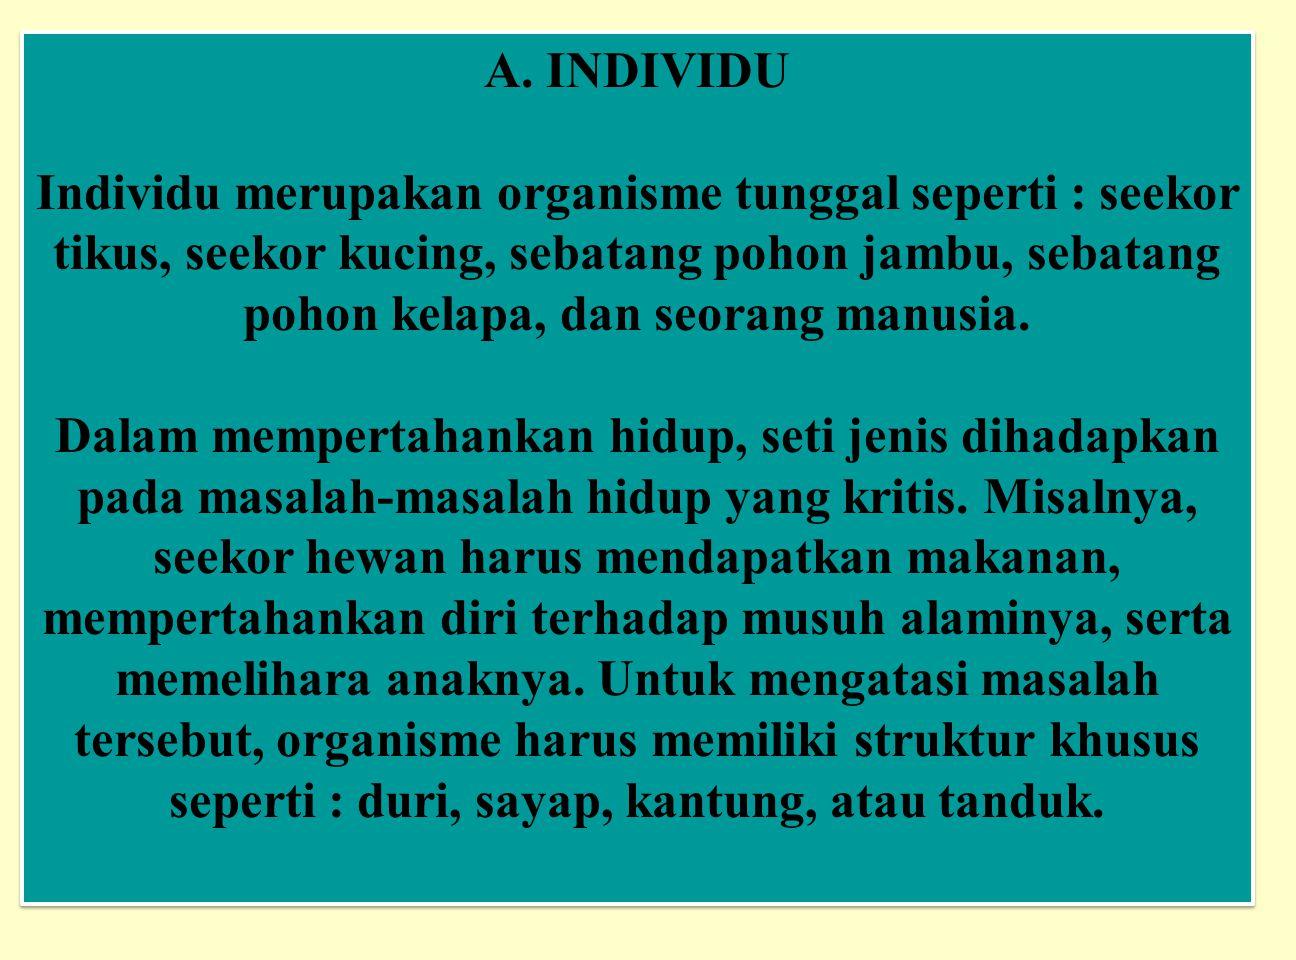 A. INDIVIDU